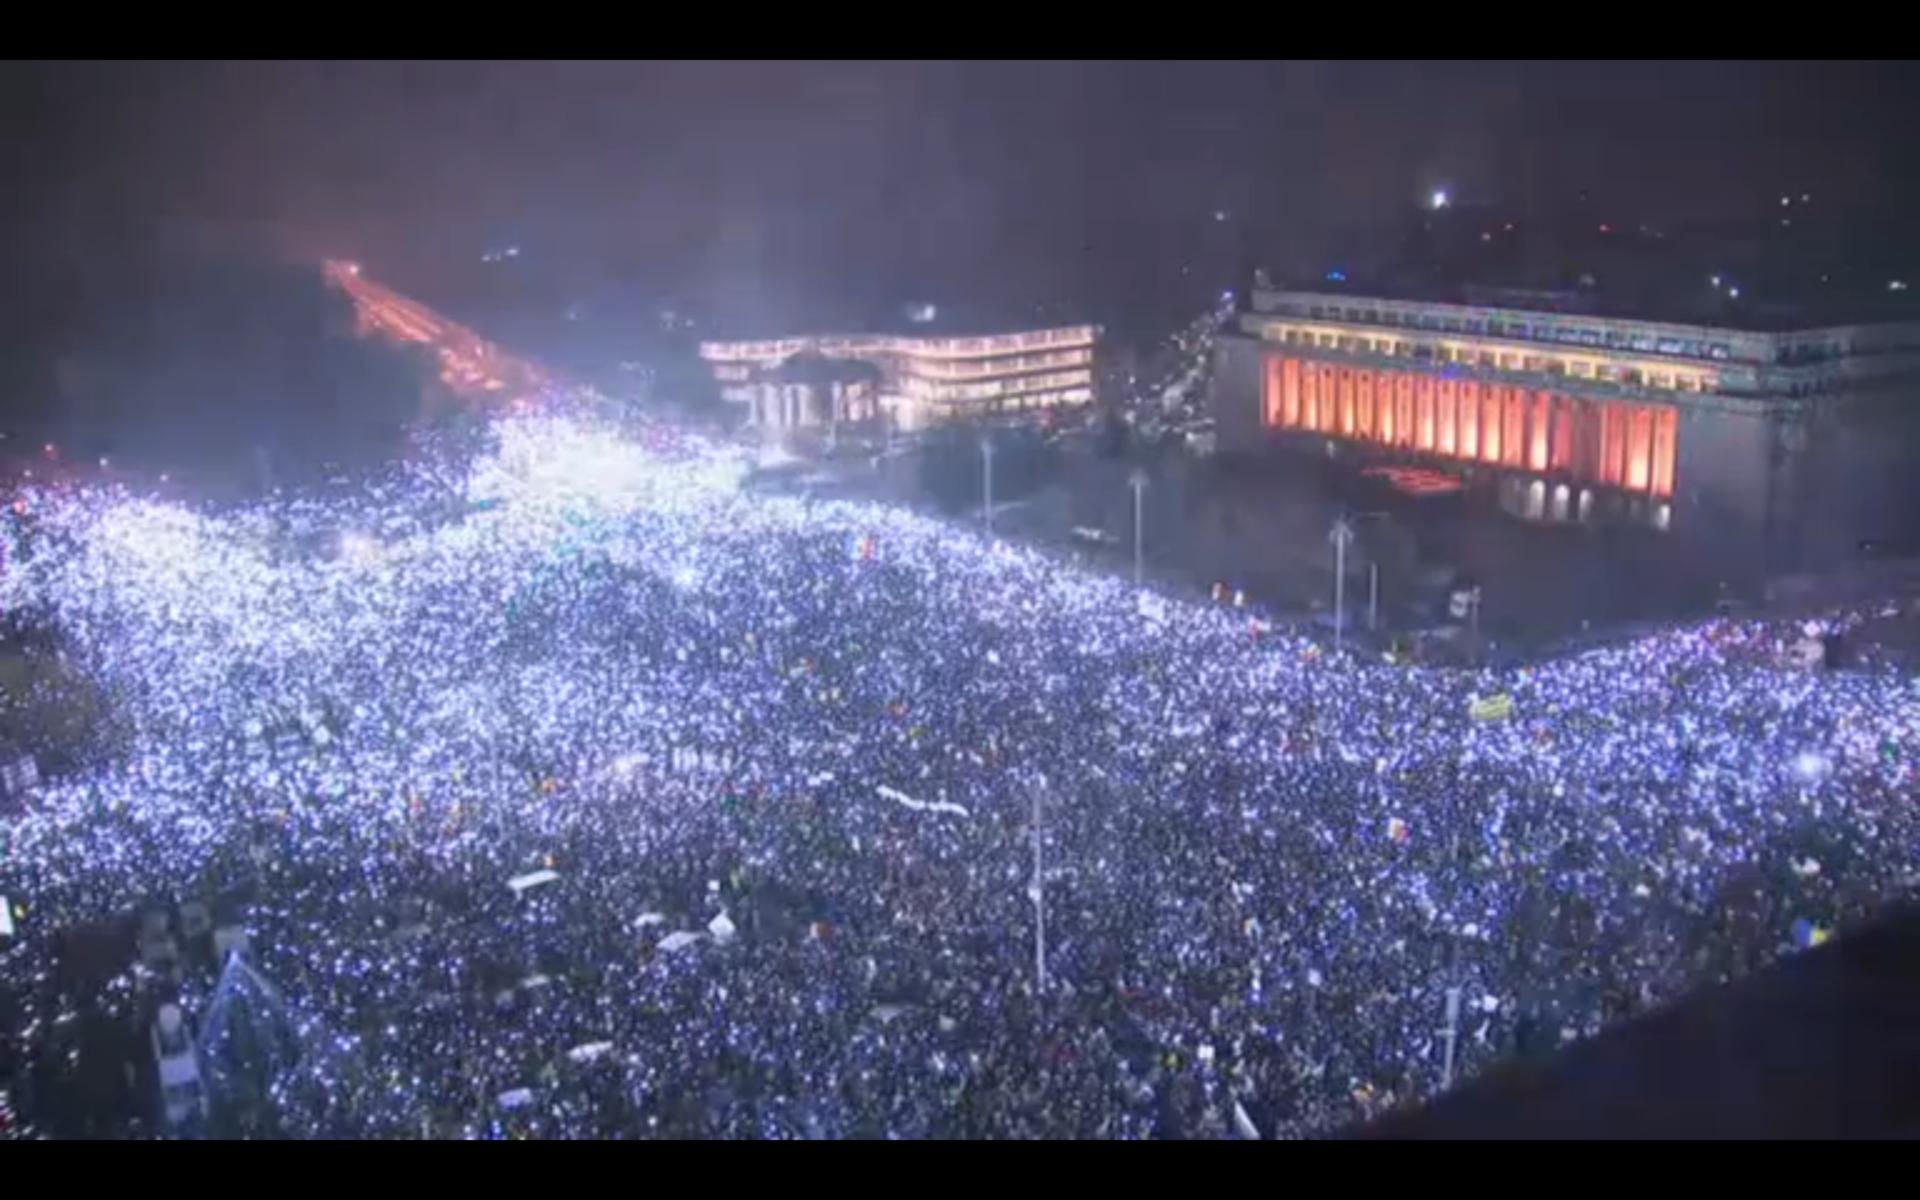 Peste jumătate de milion de oameni în stradă. Cine se află de fapt în spatele protestelor din România